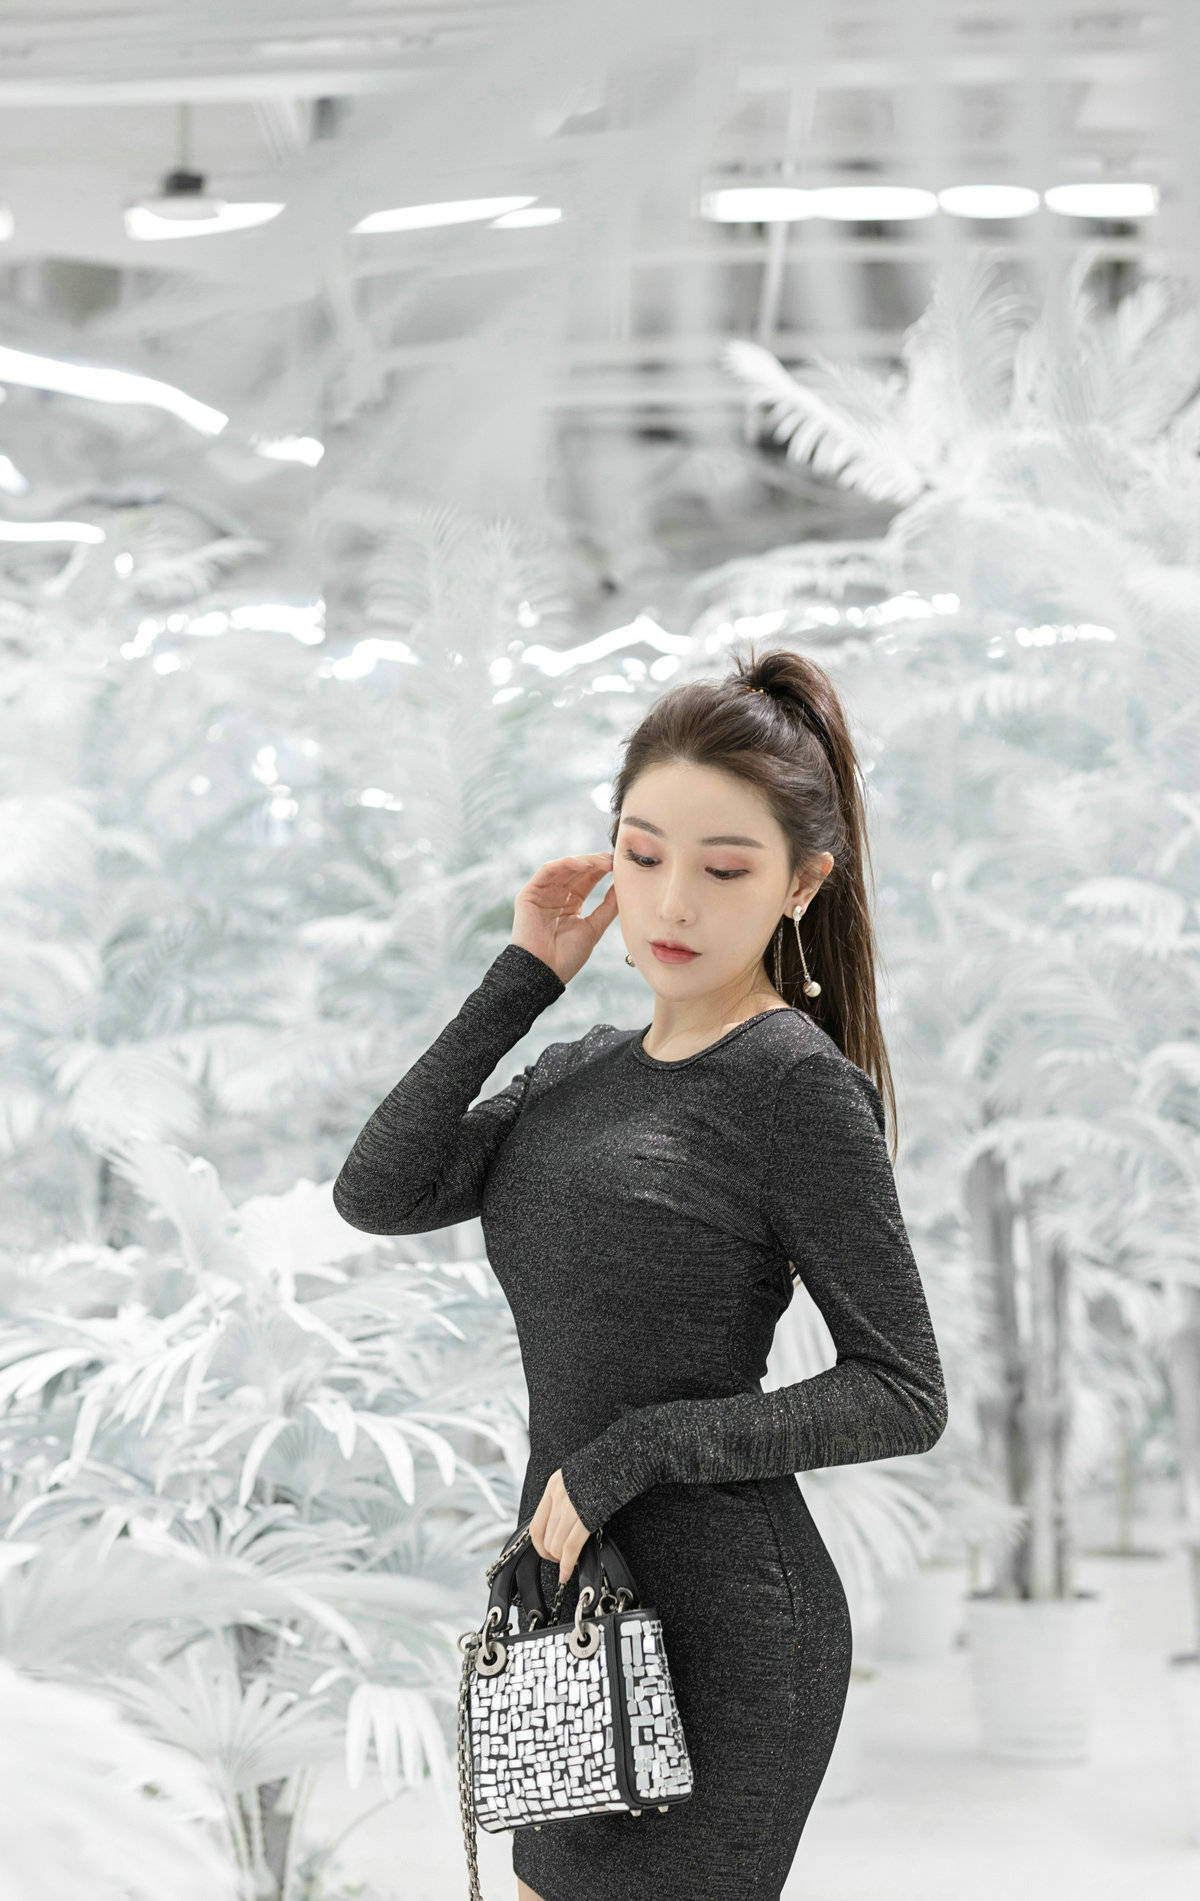 修身的连衣裙无论是单穿,还是作为内搭,都是十分时尚有型